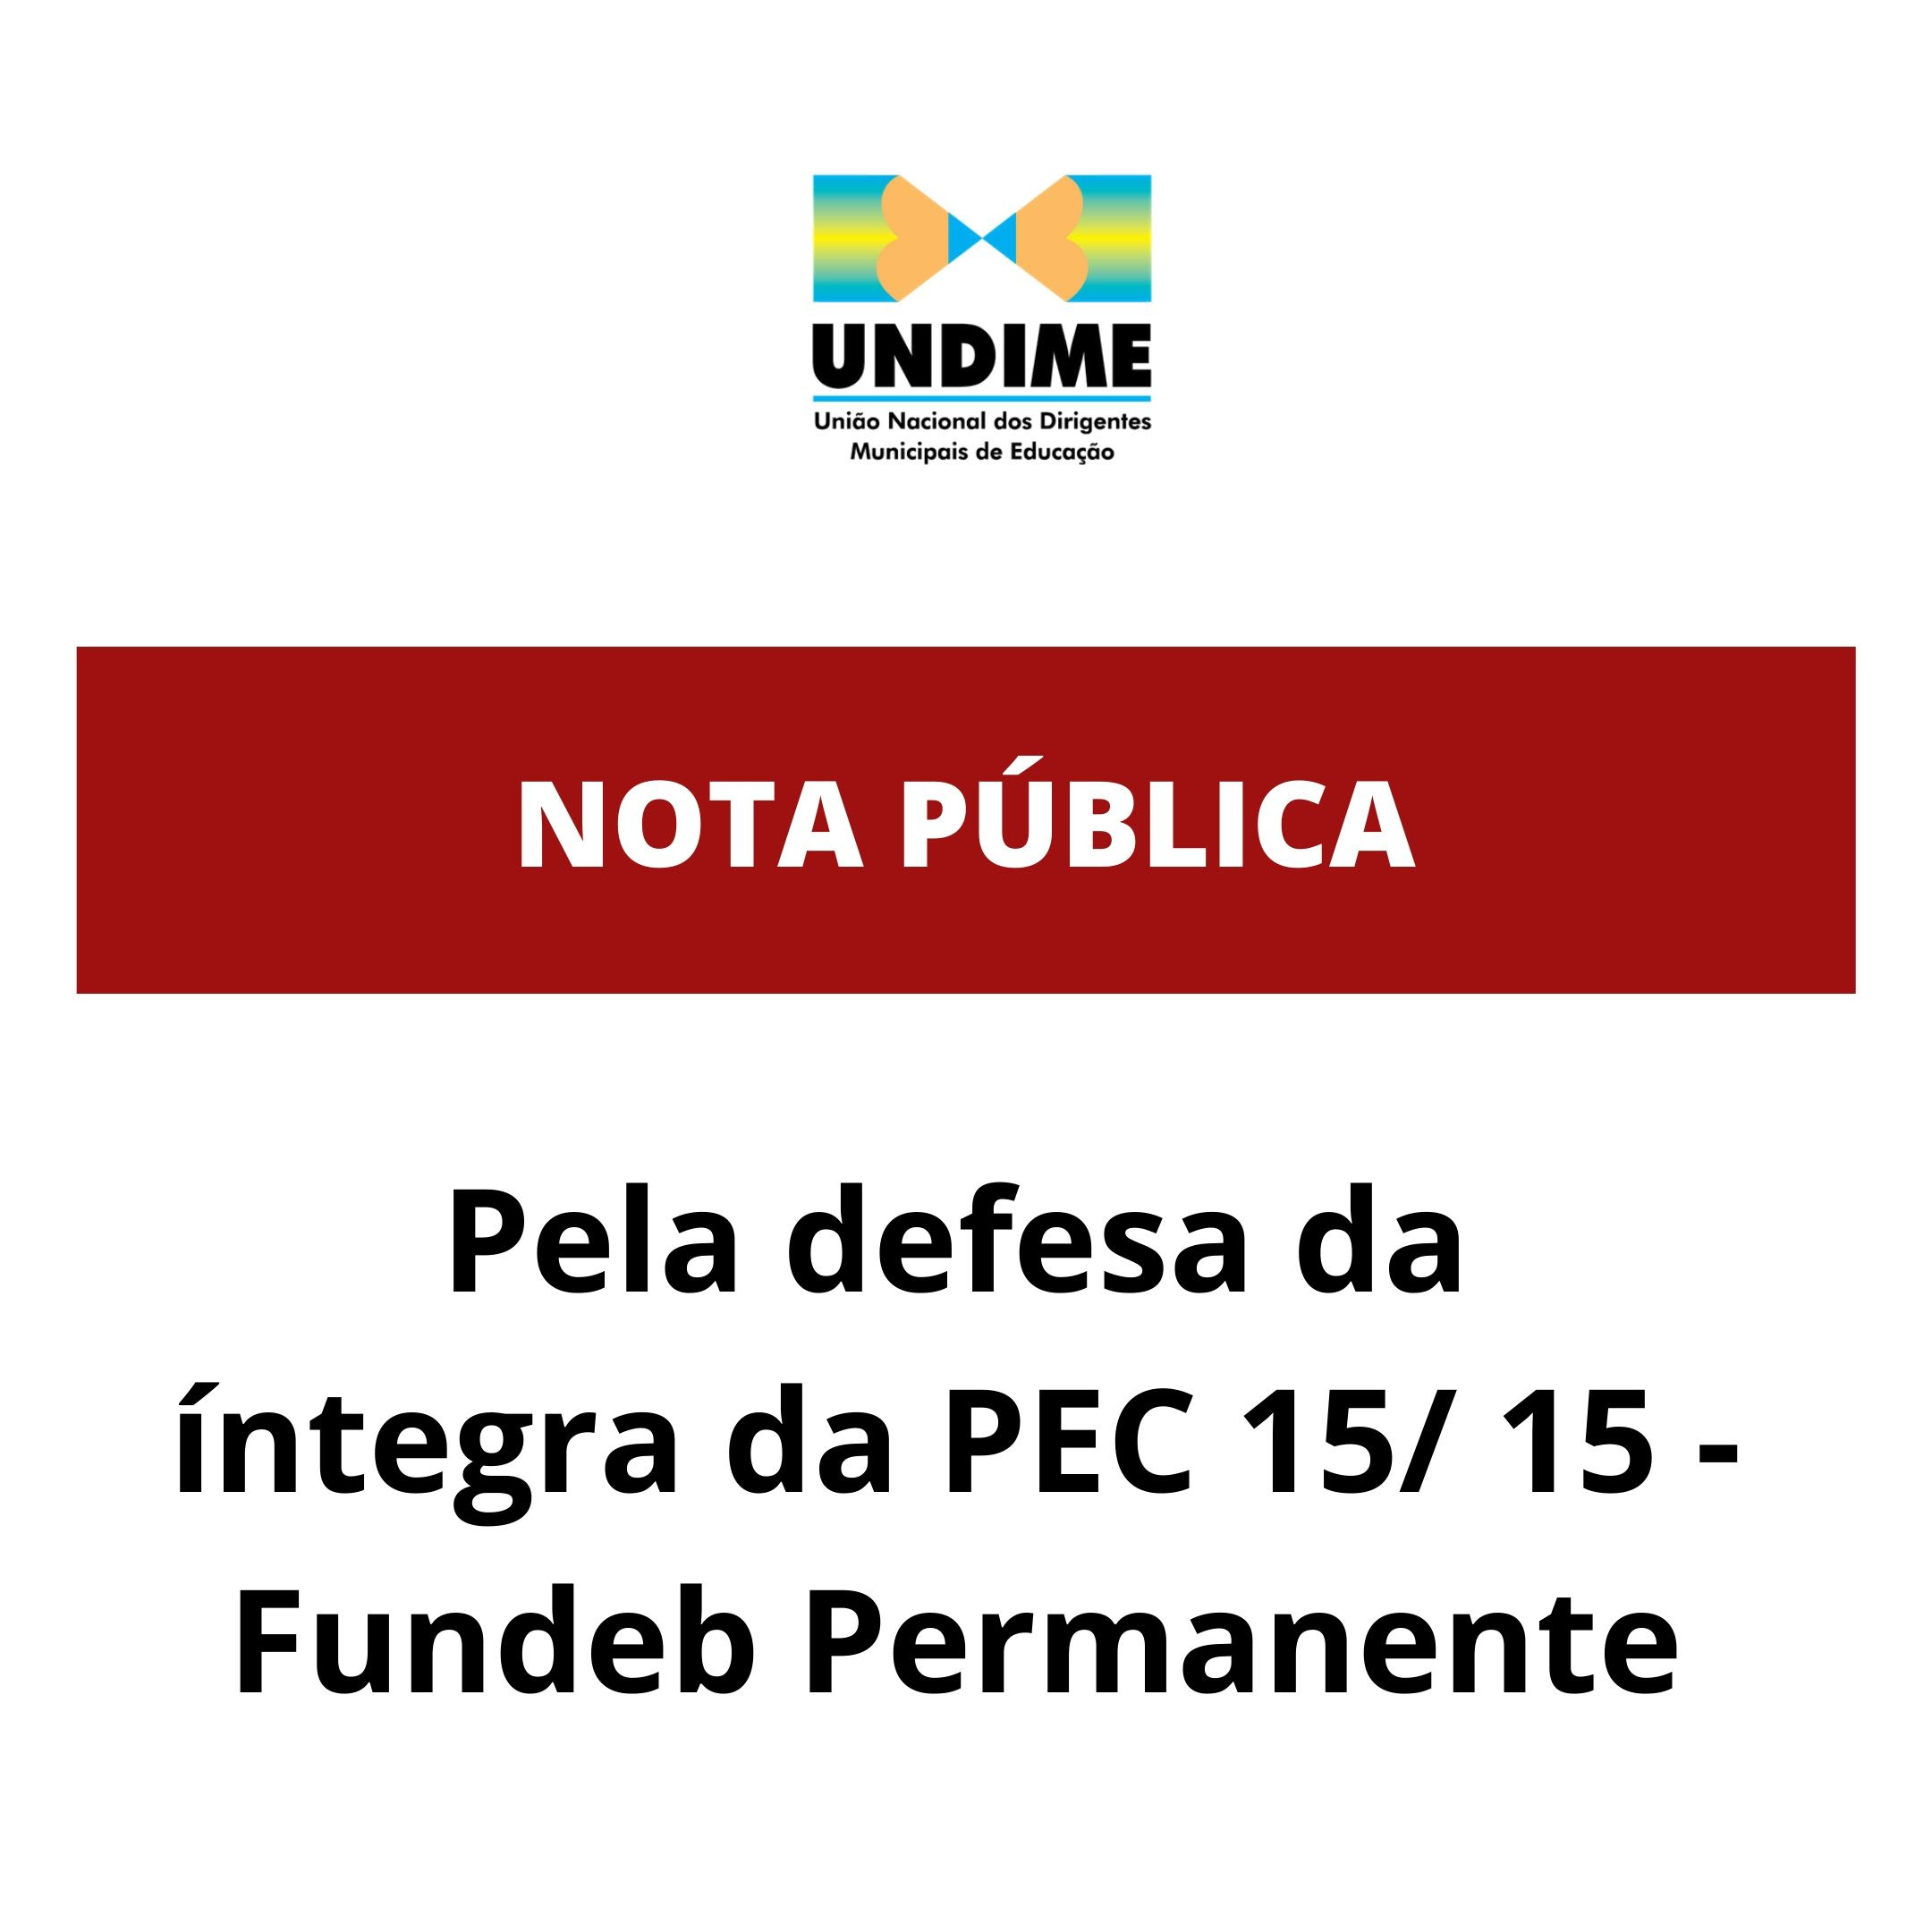 Seccionais da Undime realizam mobilização para a votação do Fundeb Permanente na íntegra